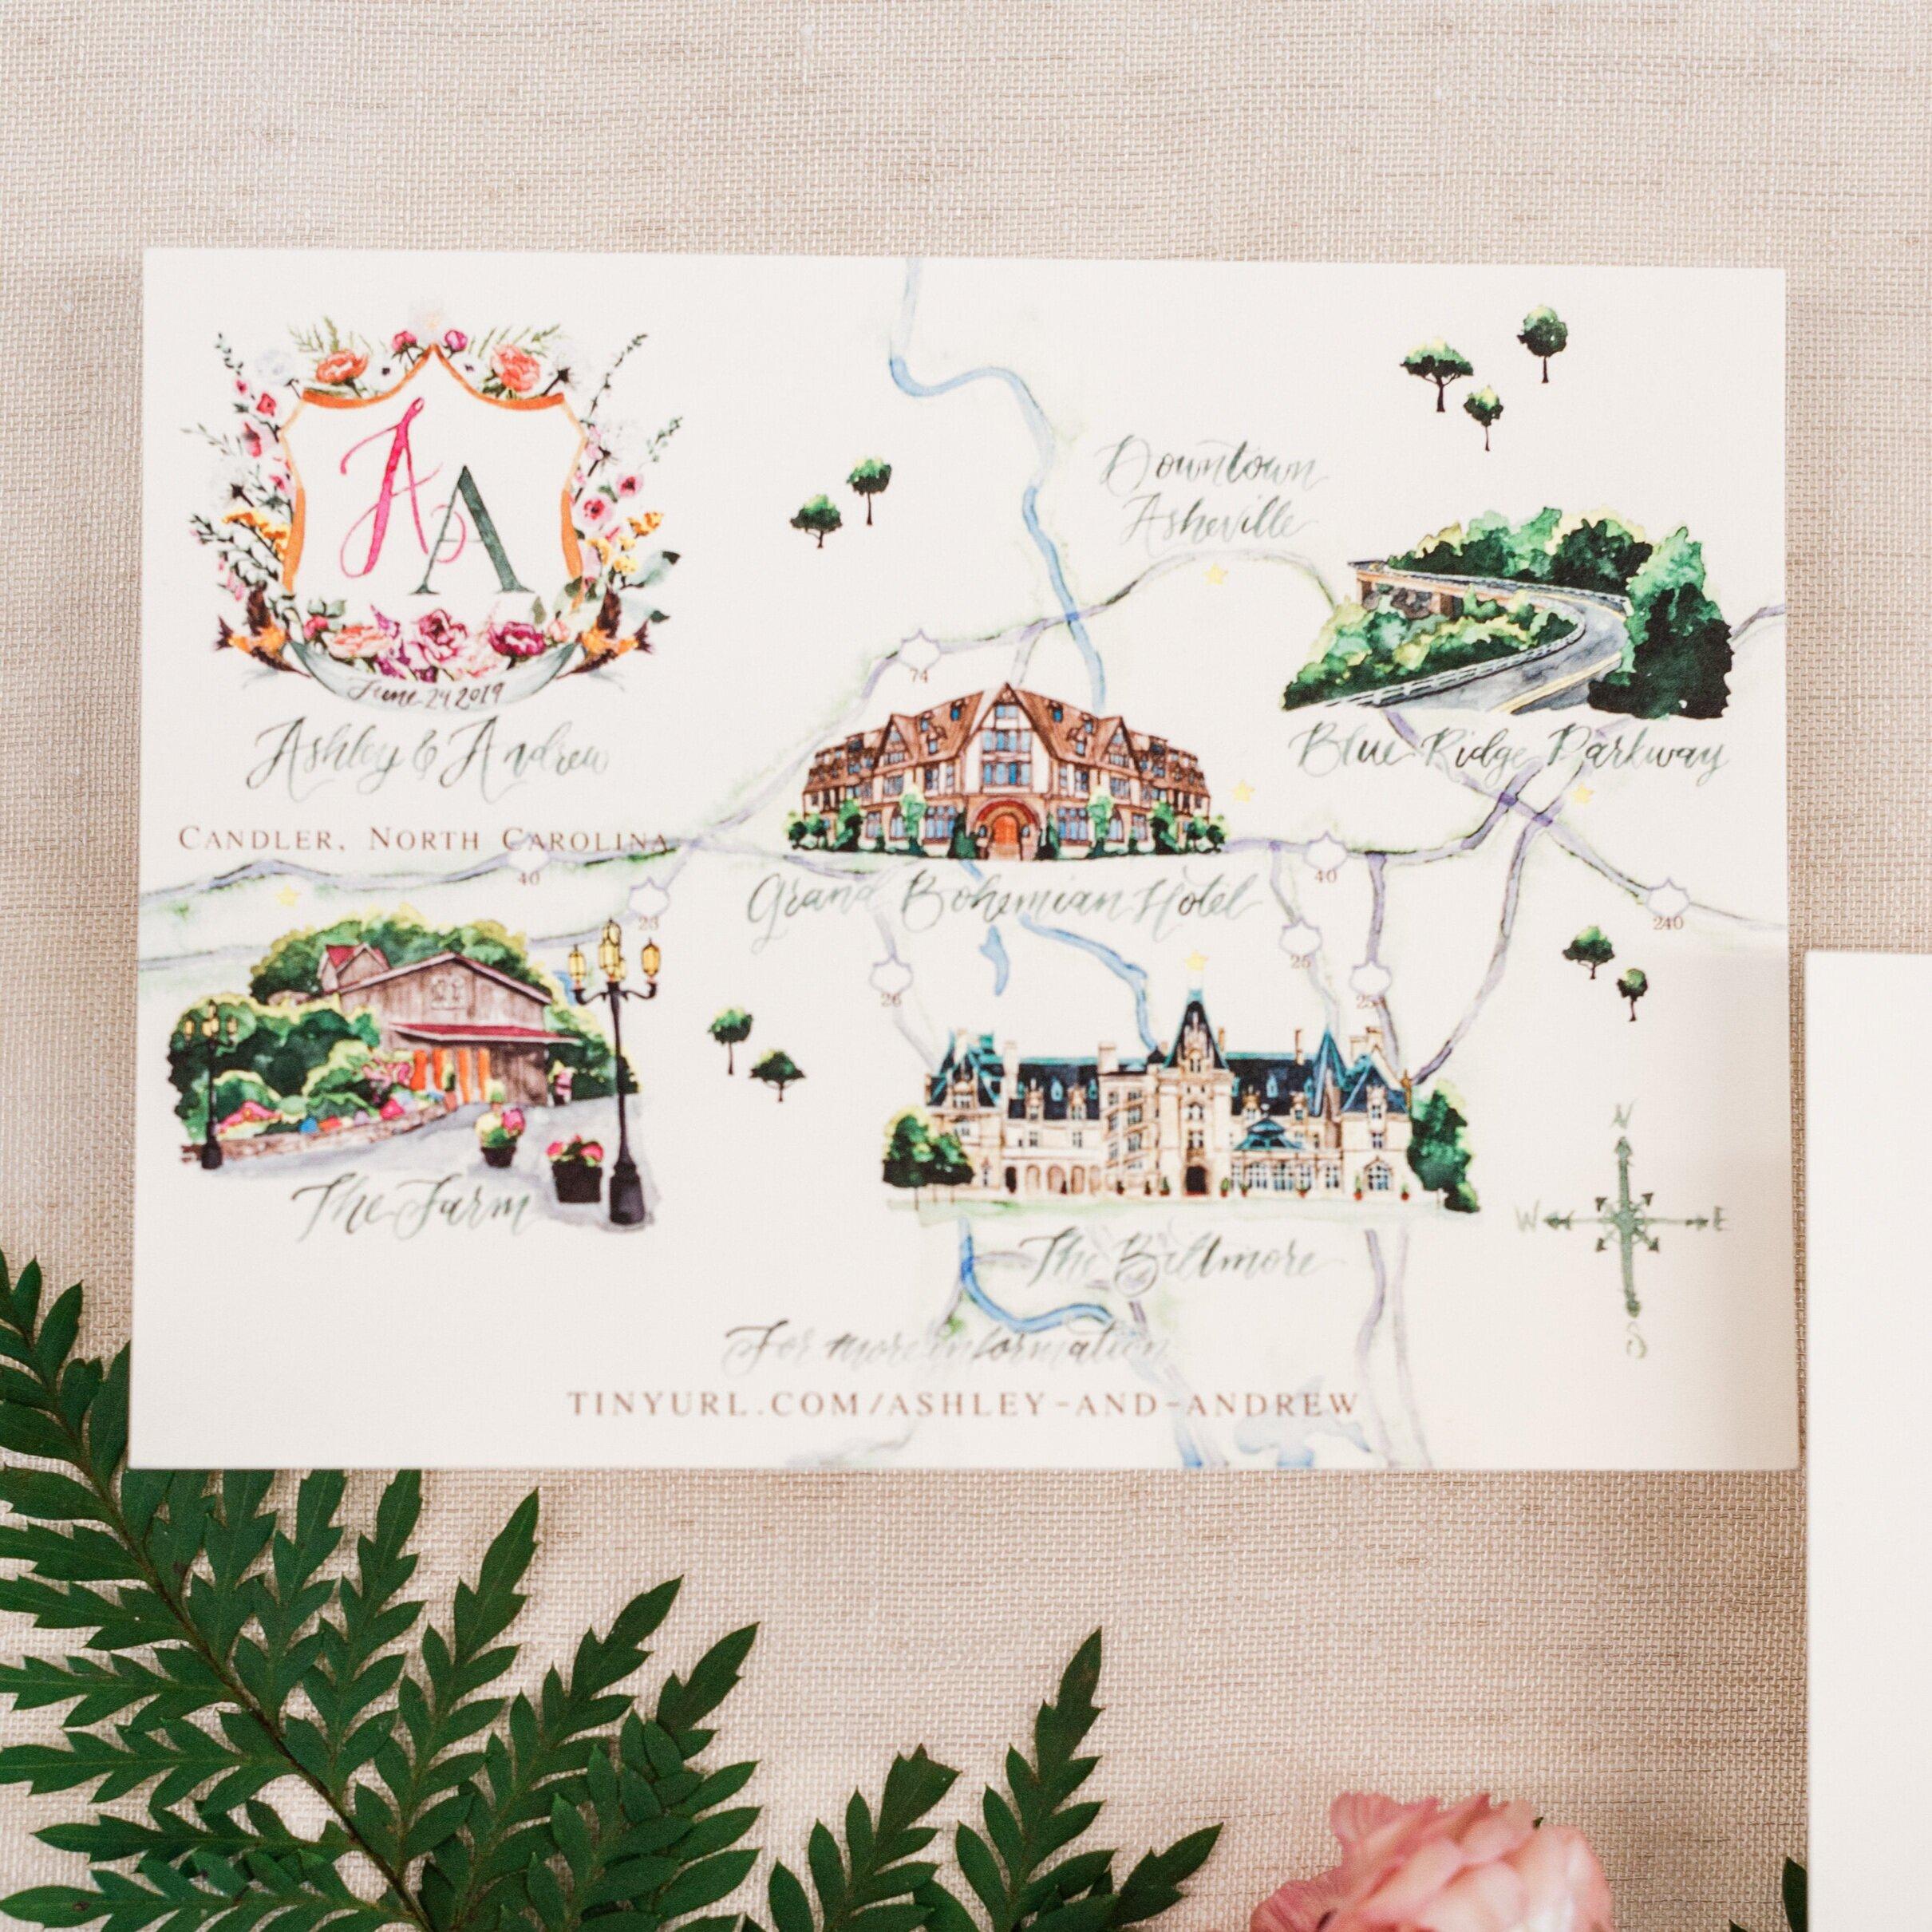 Chandler, North Carolina Watercolor Wedding Map